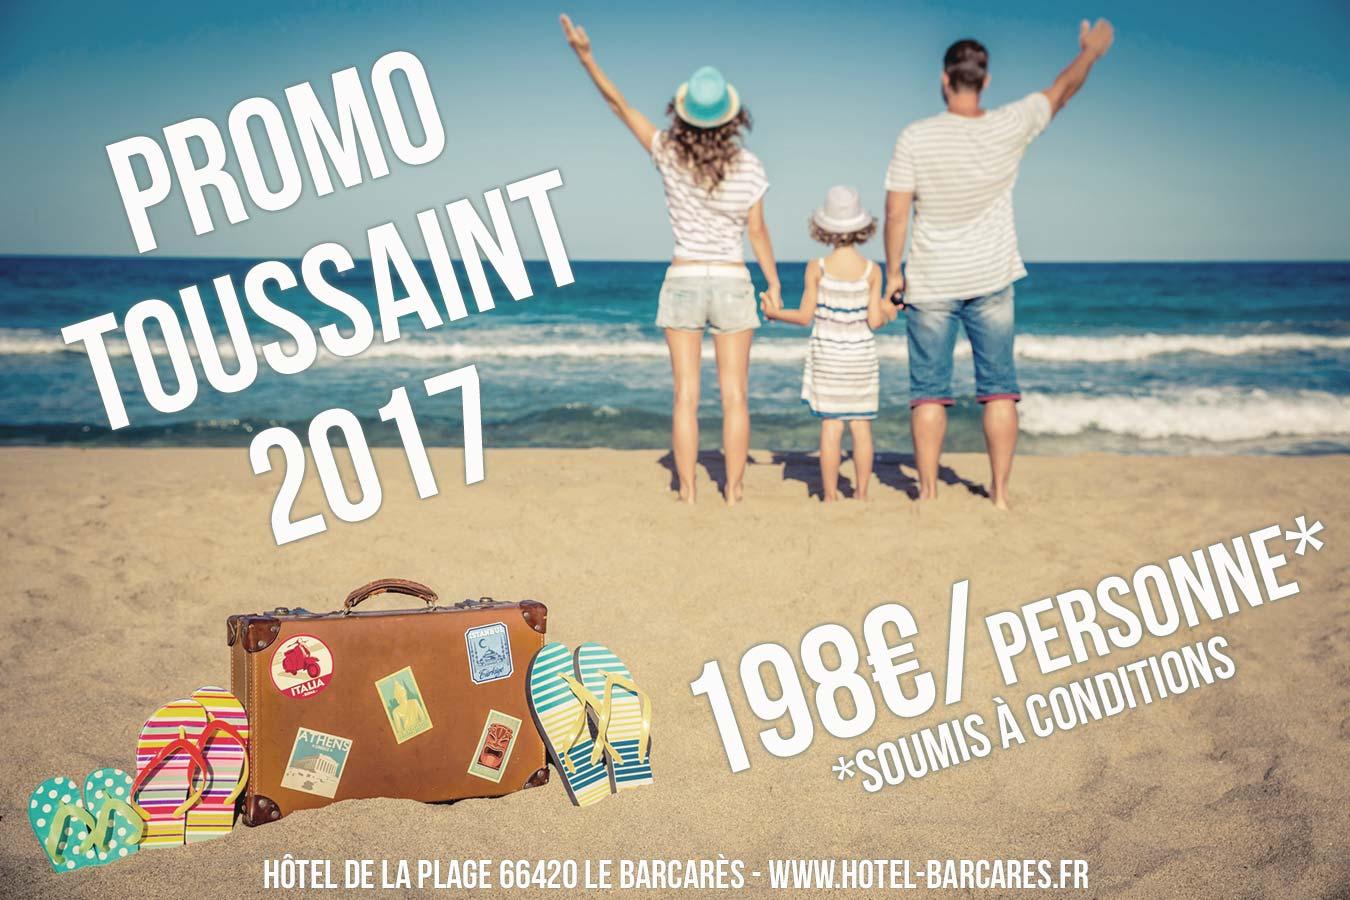 Vacances Toussaint 2017 au Barcarès – 198€/personne*